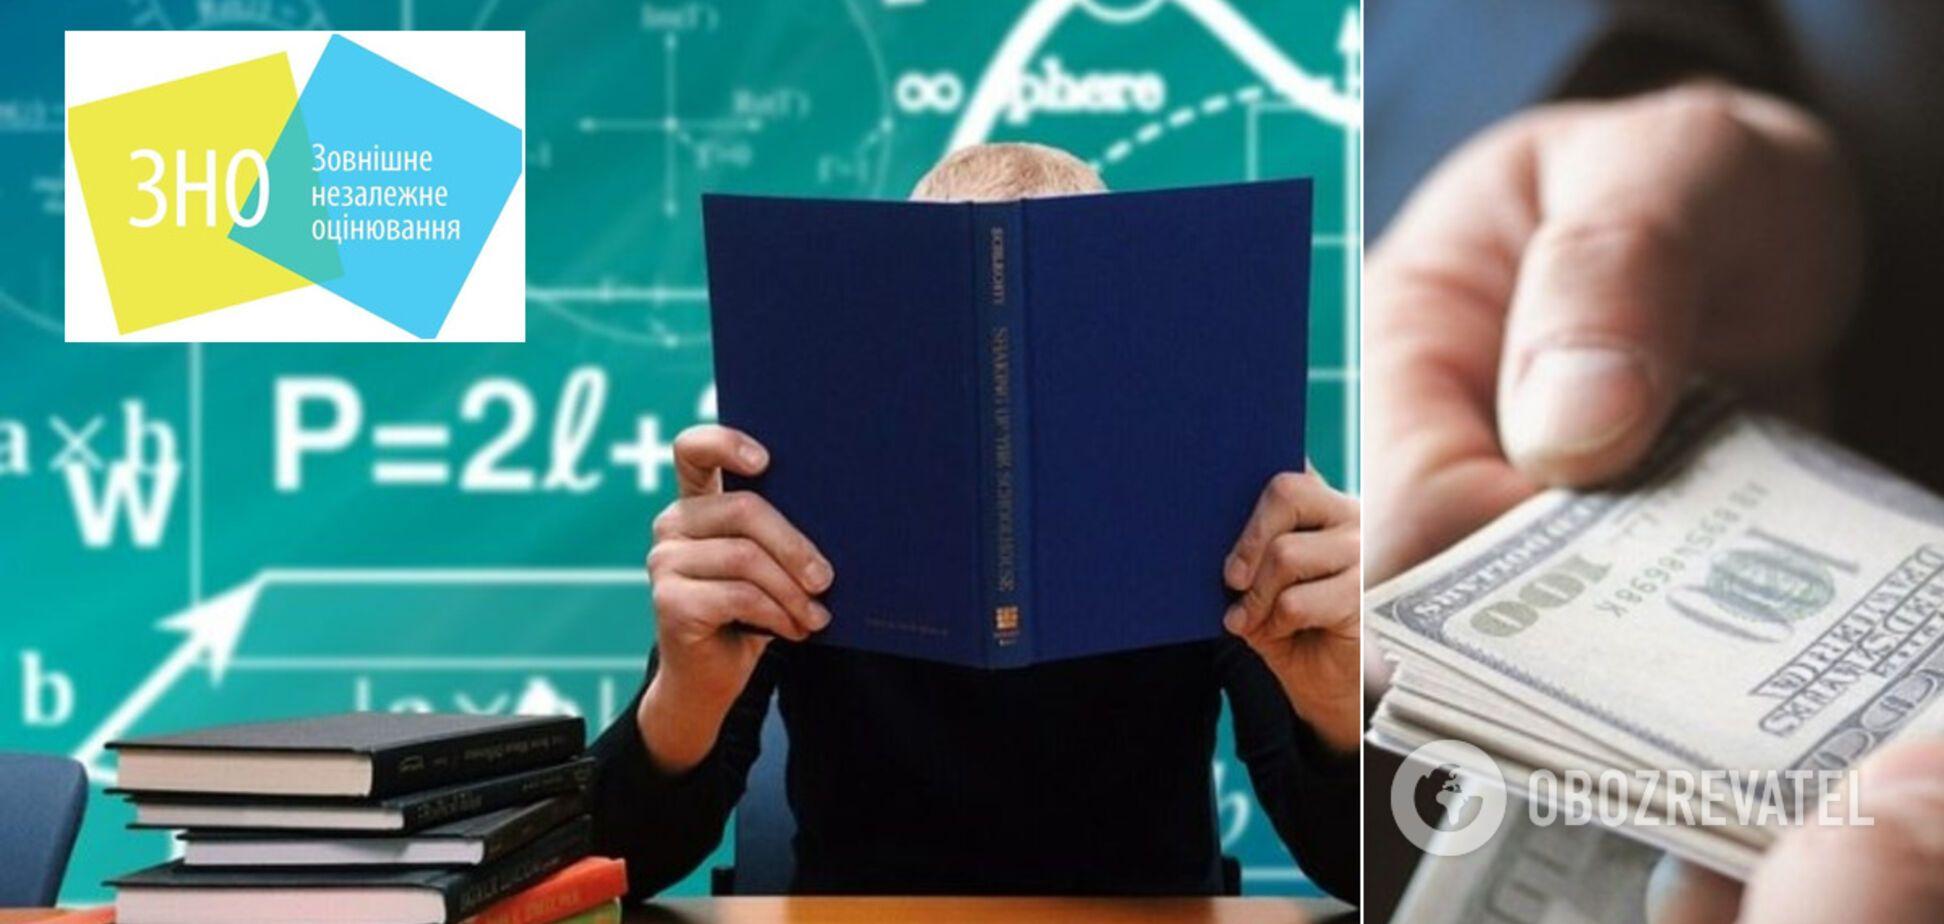 Питання ЗНО в Україні залишилося відкритим: чи повернуться хабарі й що буде з випускниками